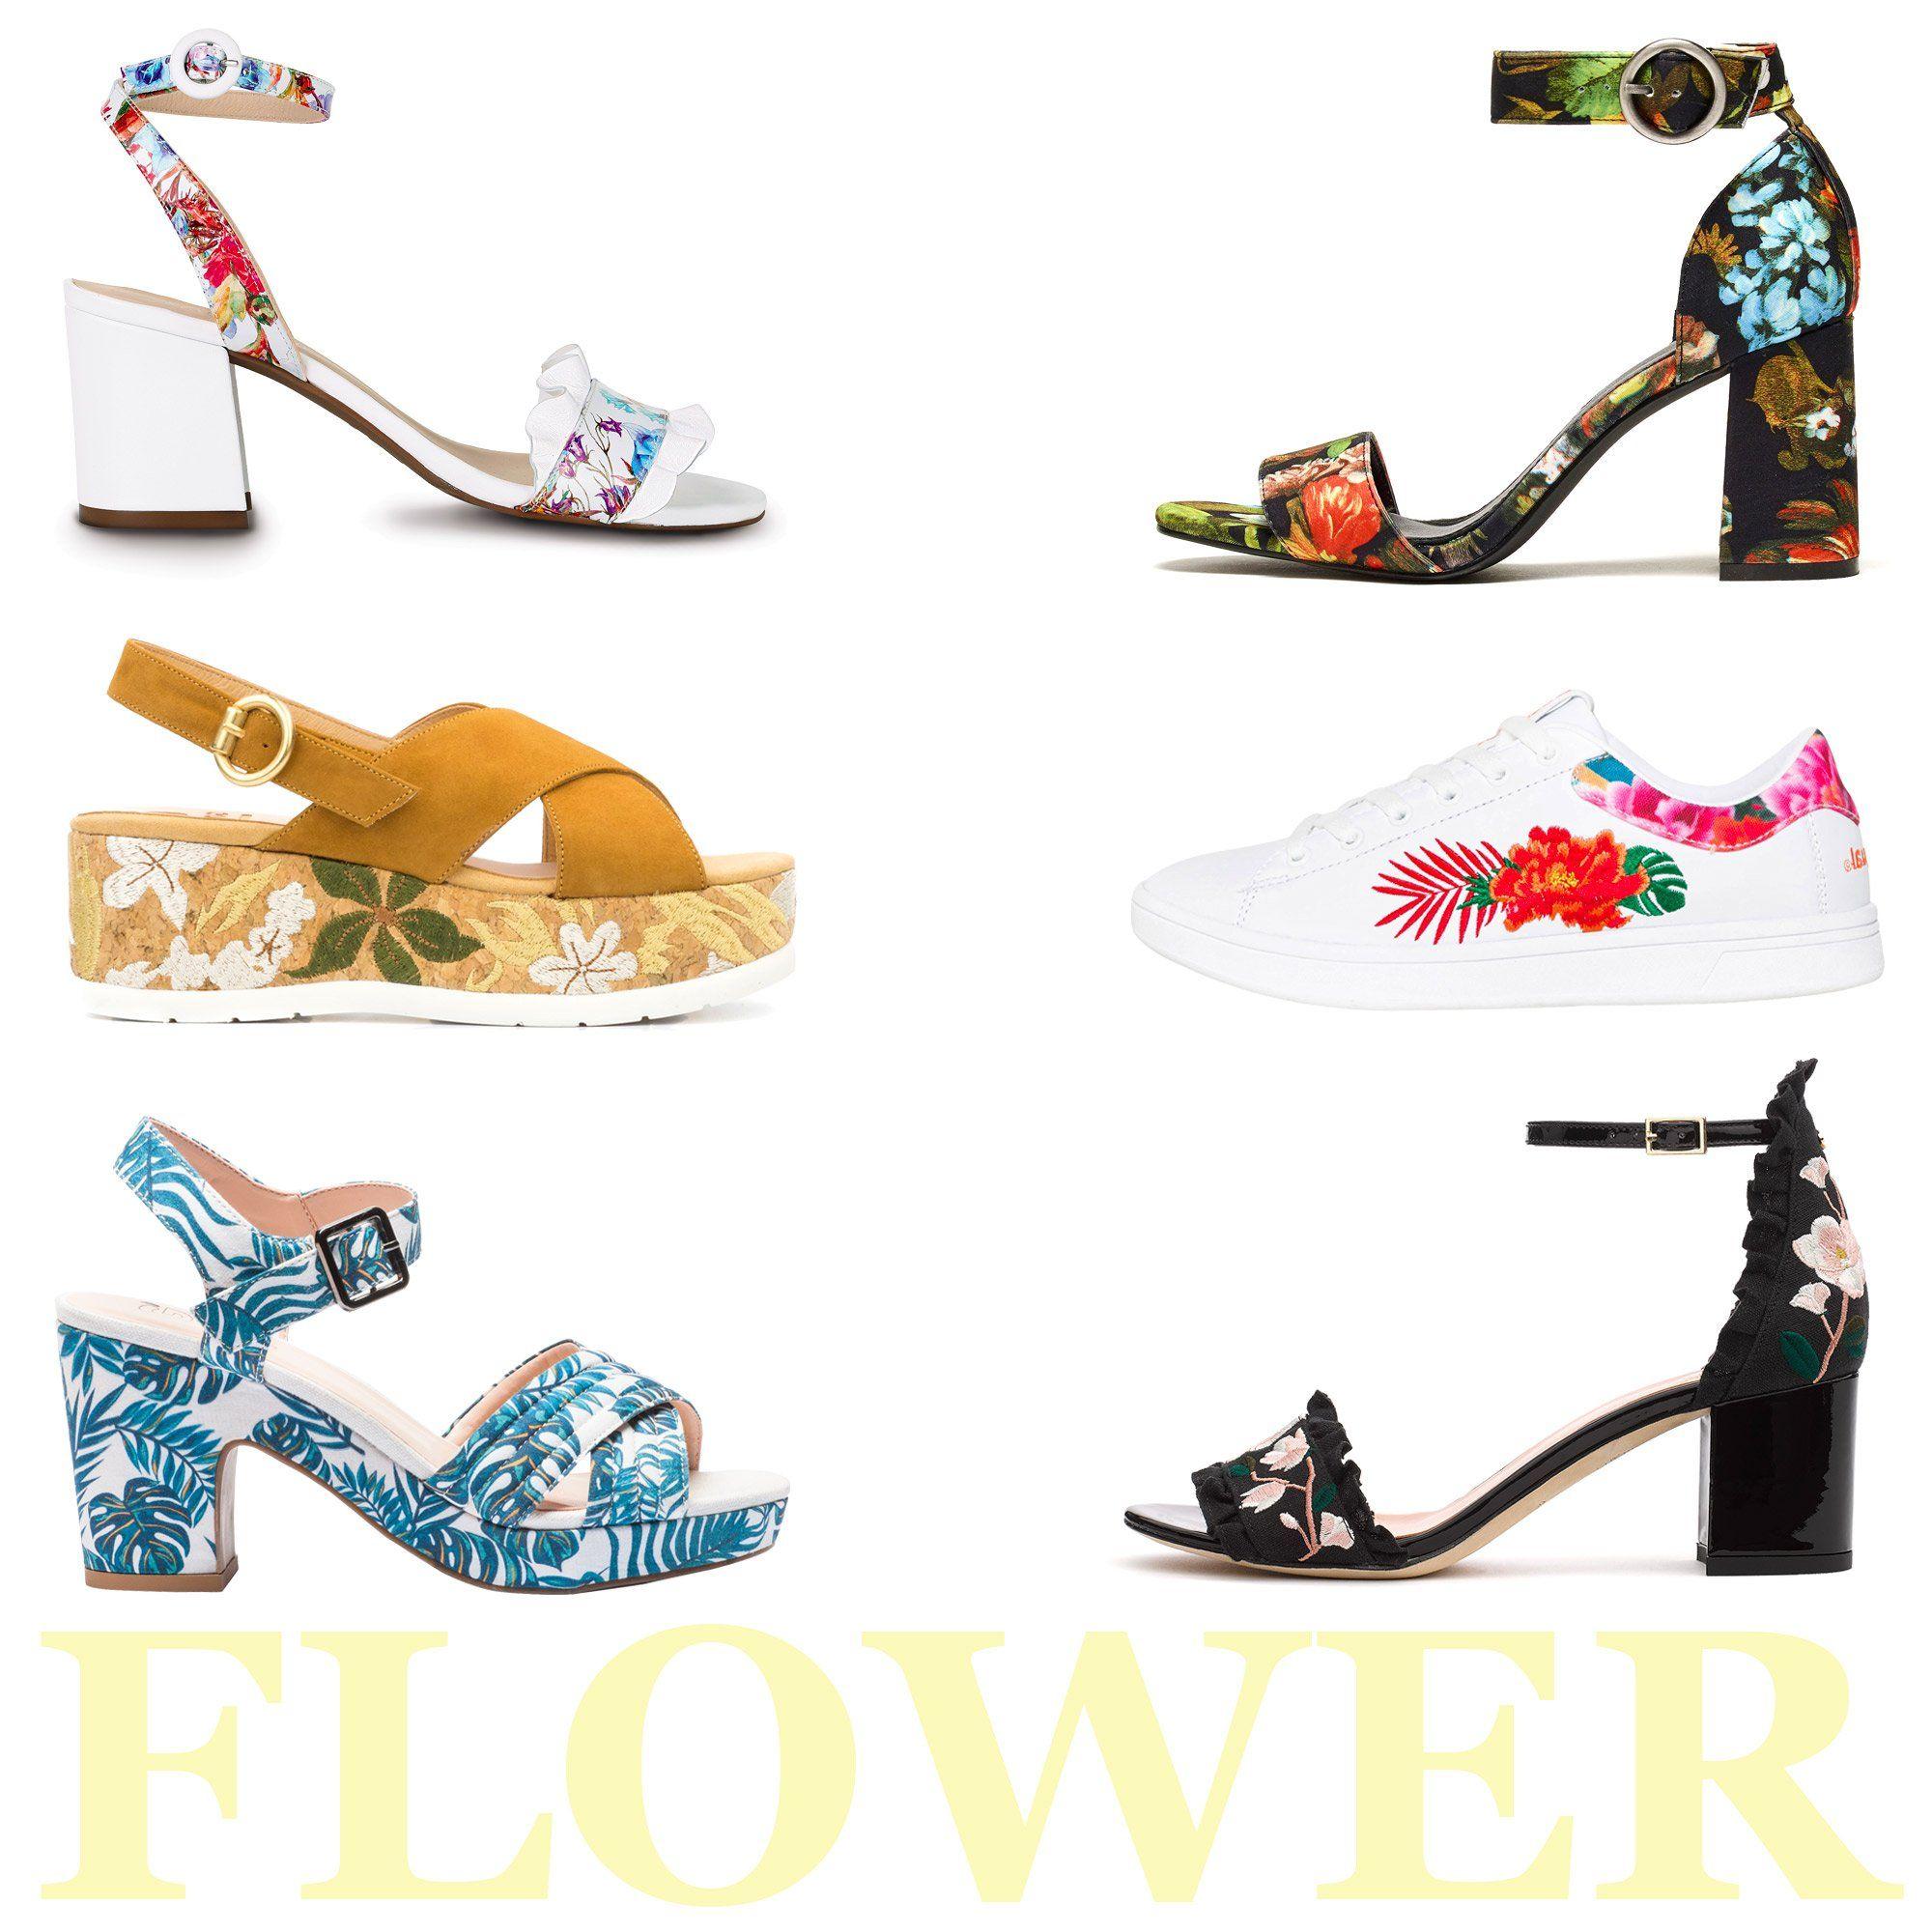 78ecc6500 Chaussures printemps été 2019 : décryptage des tendances | summer ...